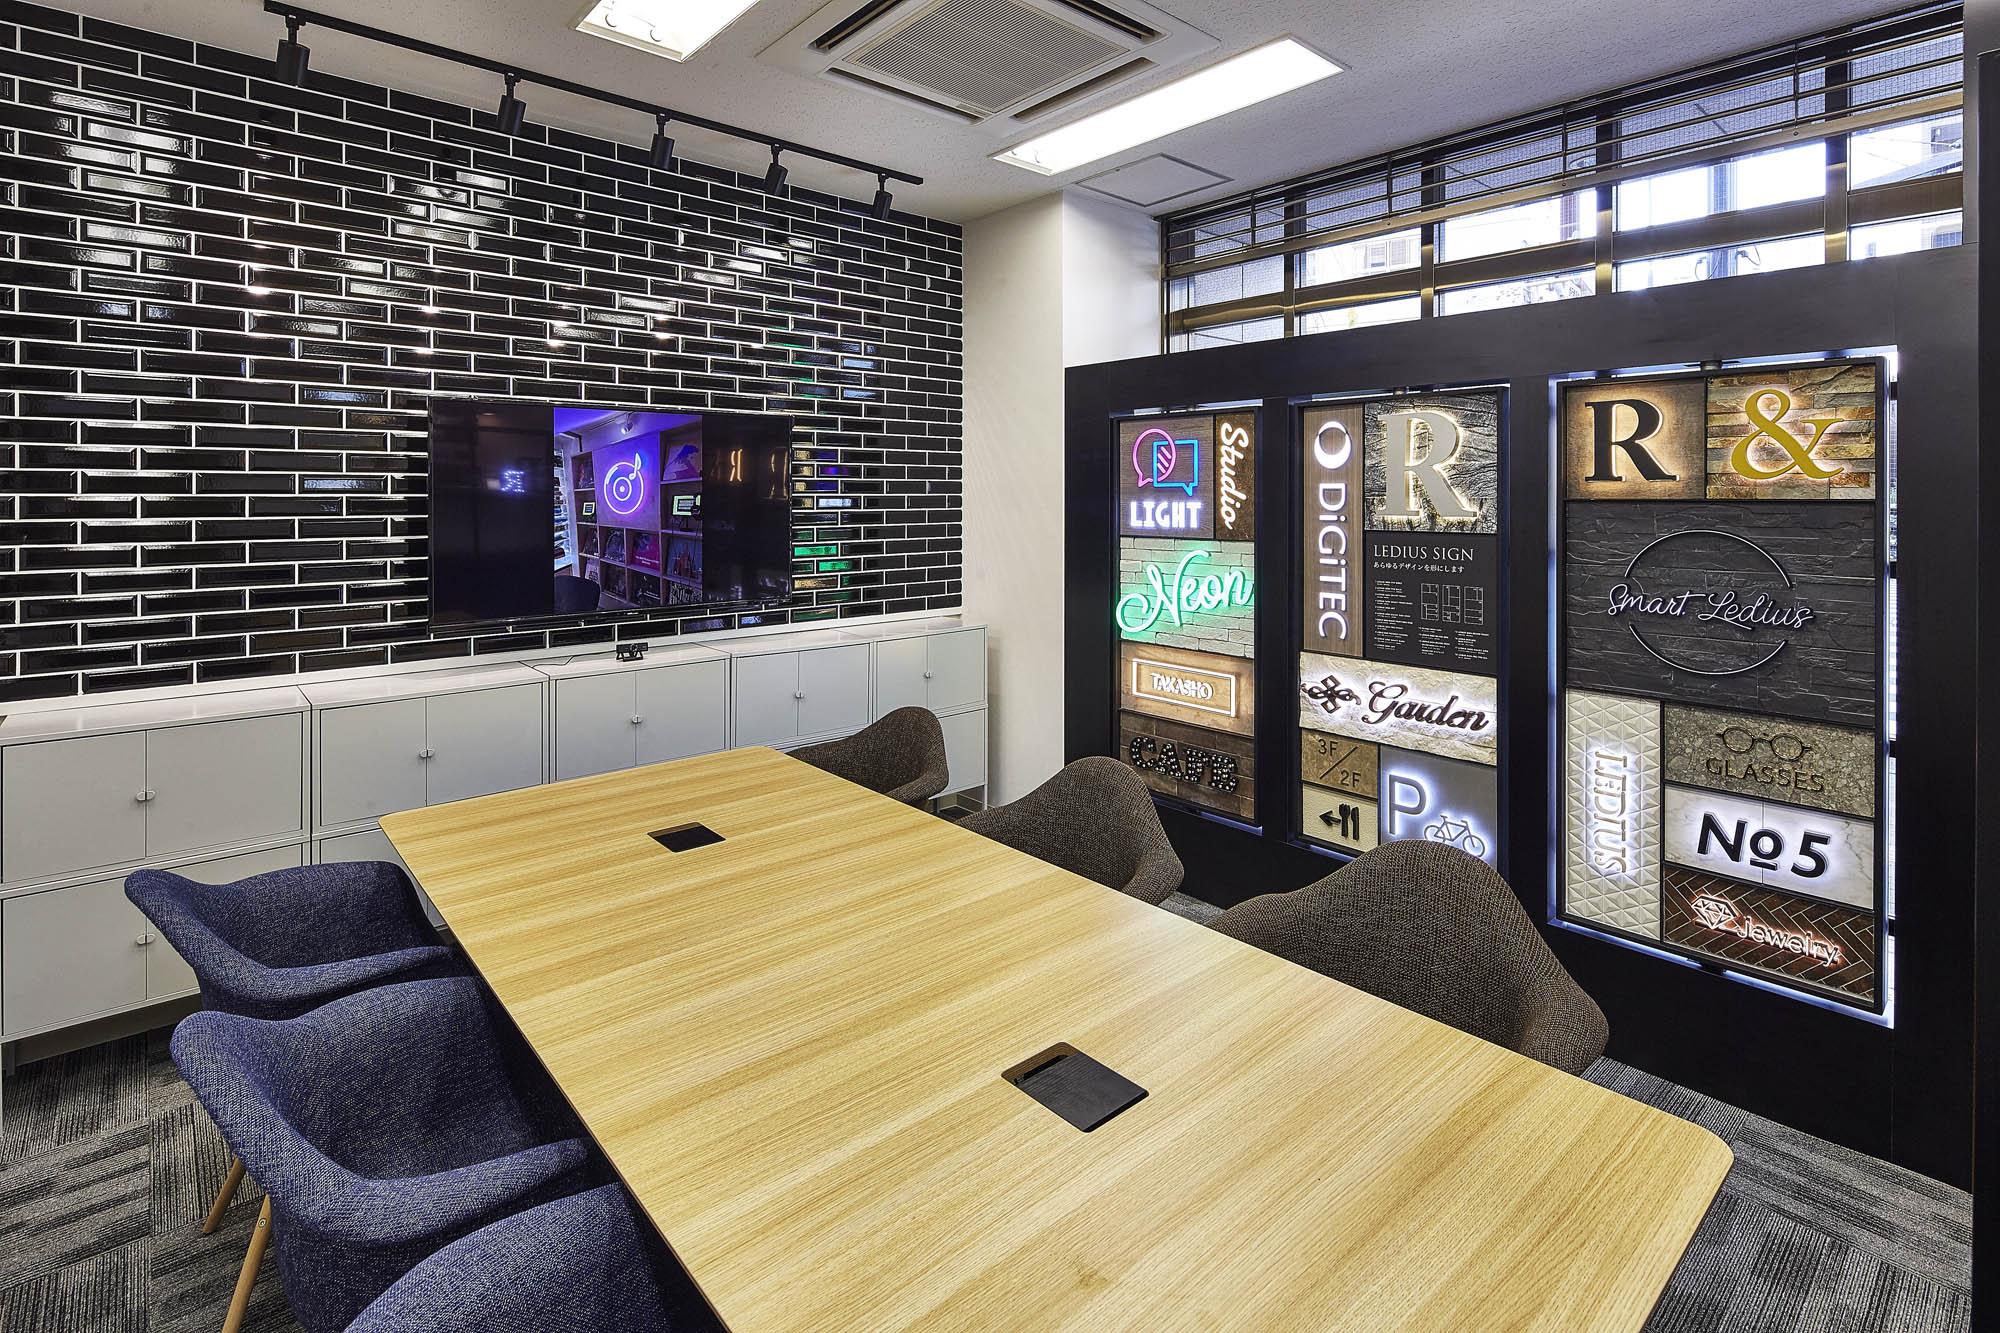 実際のLEDサインサンプルを見せながら相談・商談を行うオフィスの写真